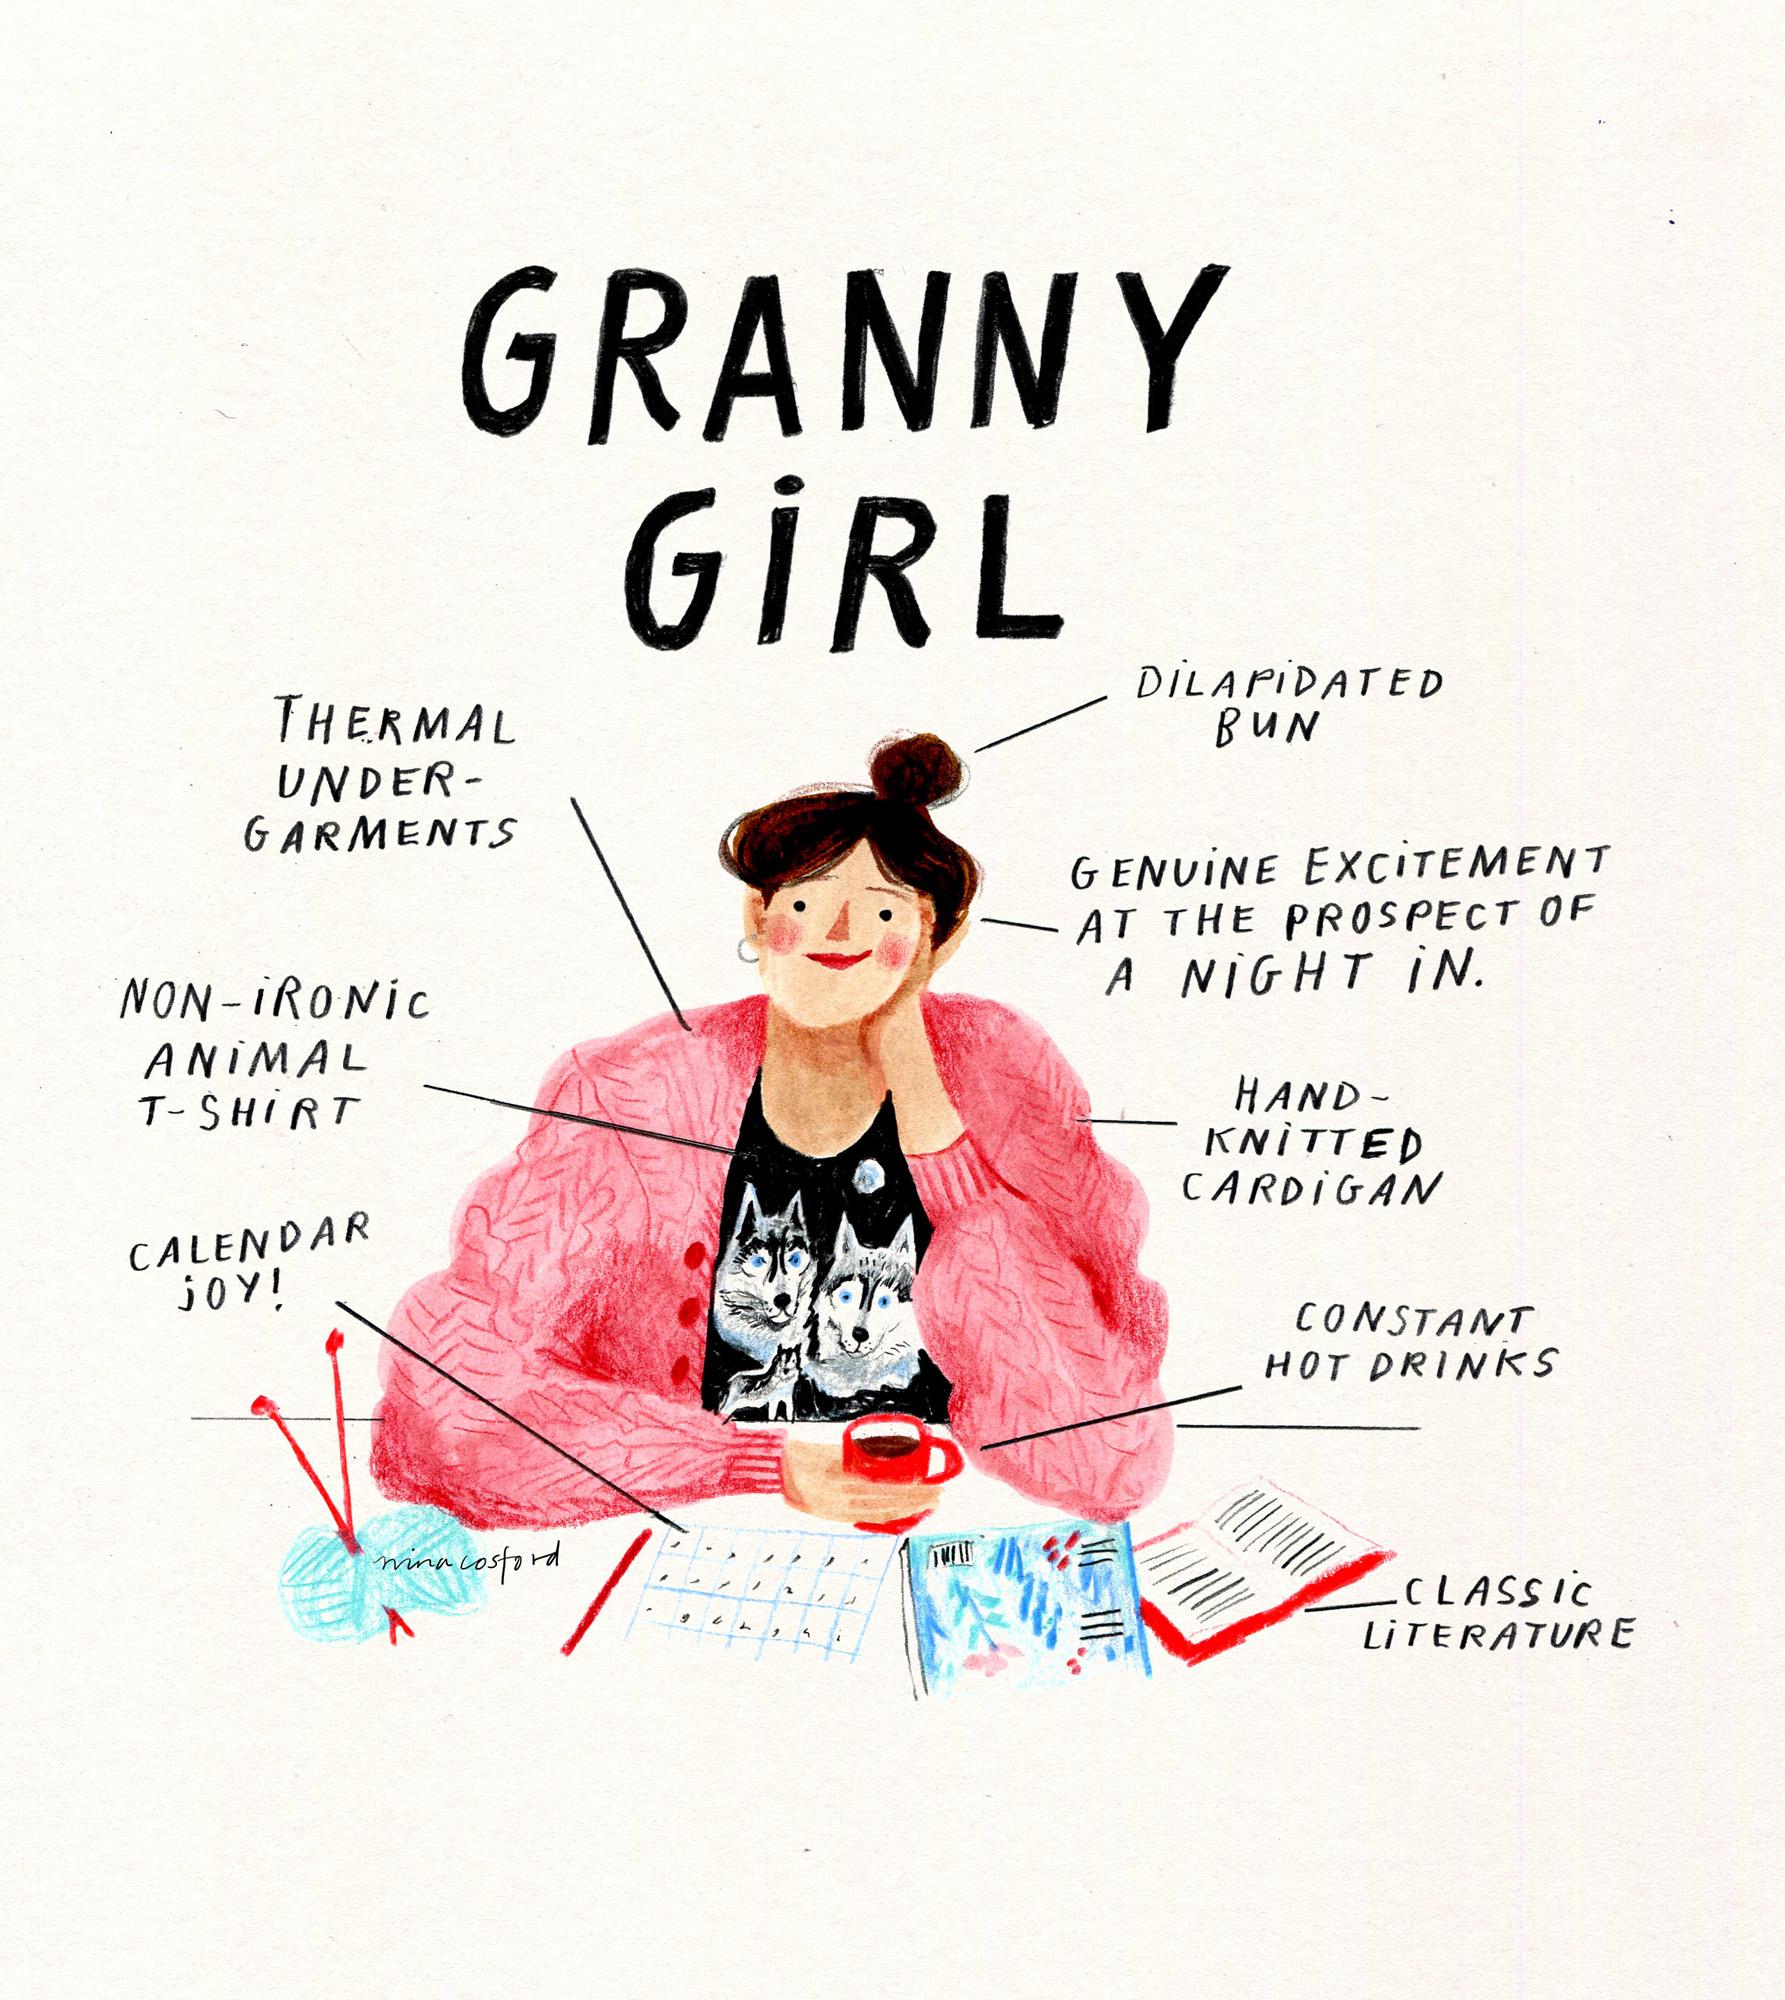 GRANNY GIRL